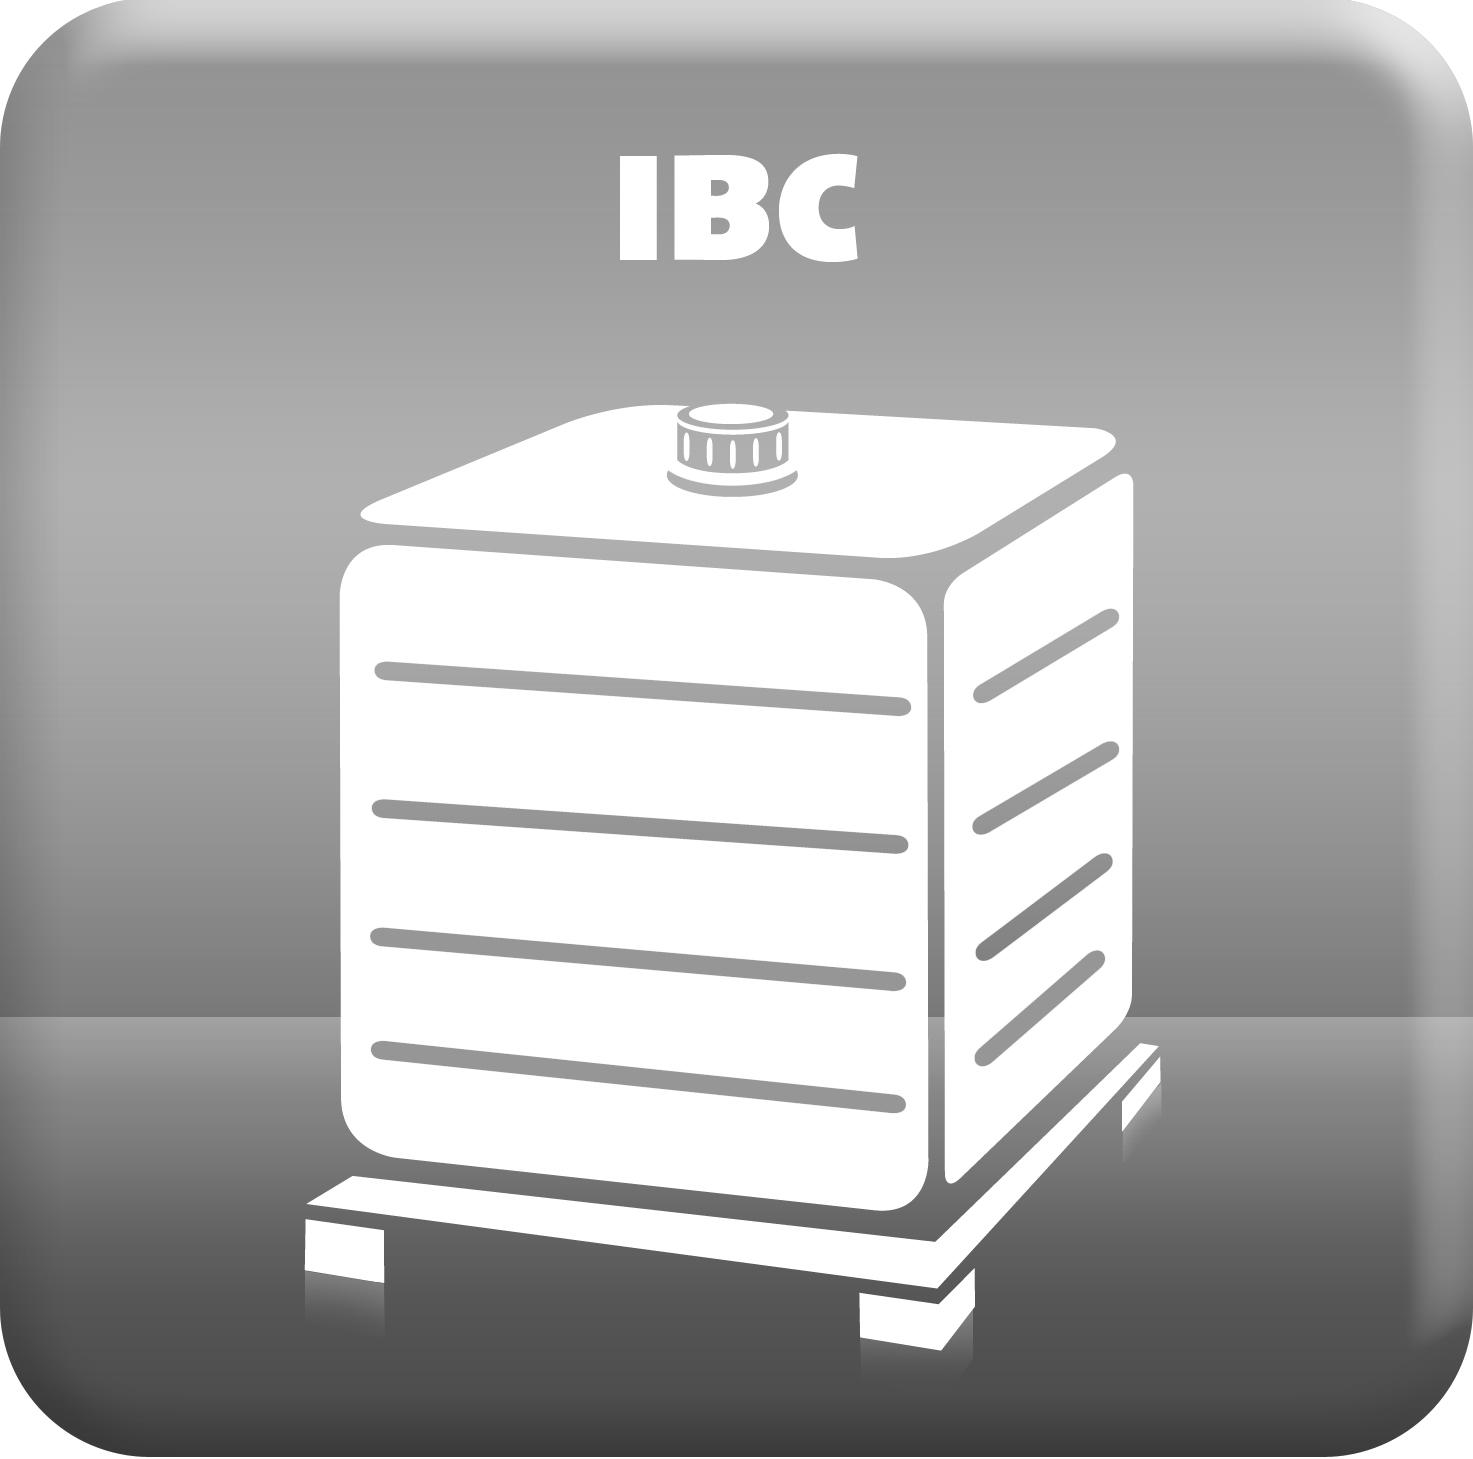 ICON_IBC